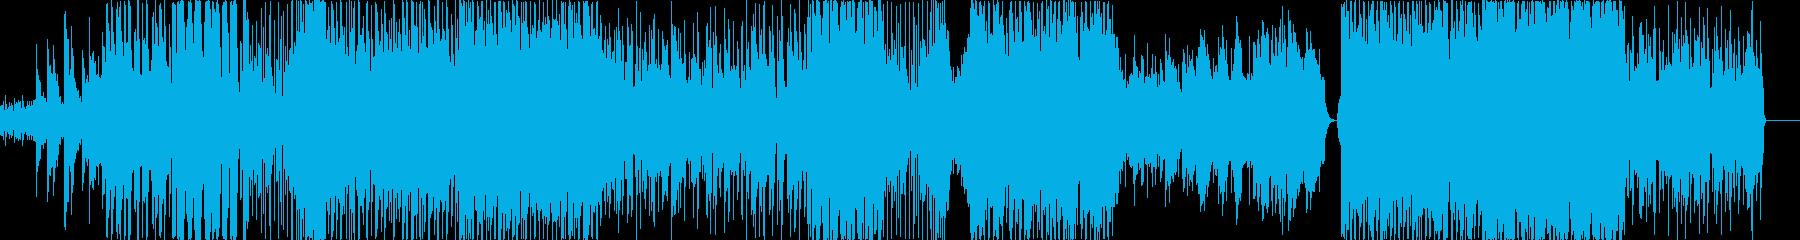 ドラマティックポップスの再生済みの波形